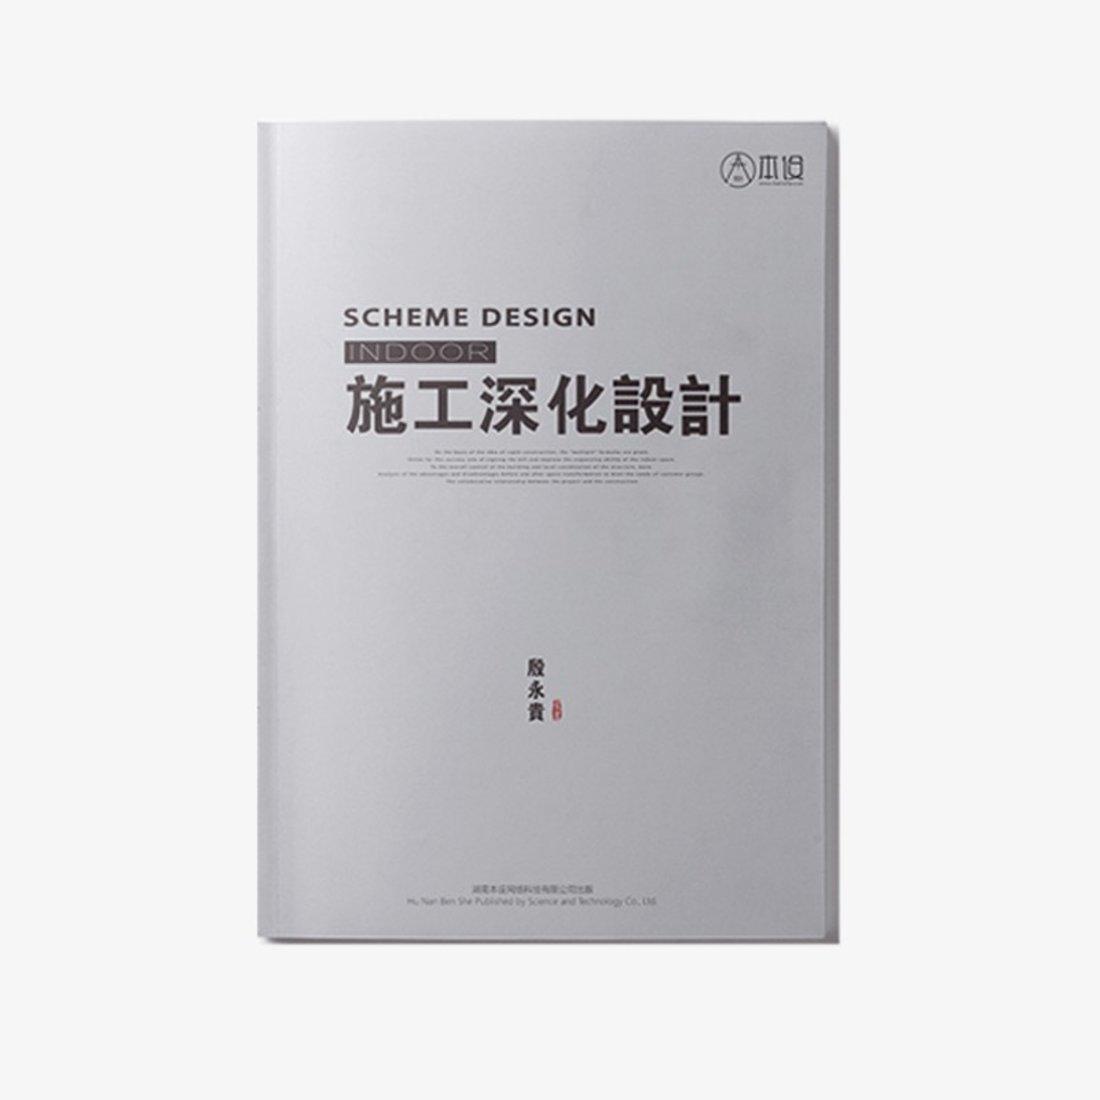 《设计中的笔记》+《施工深化设计》